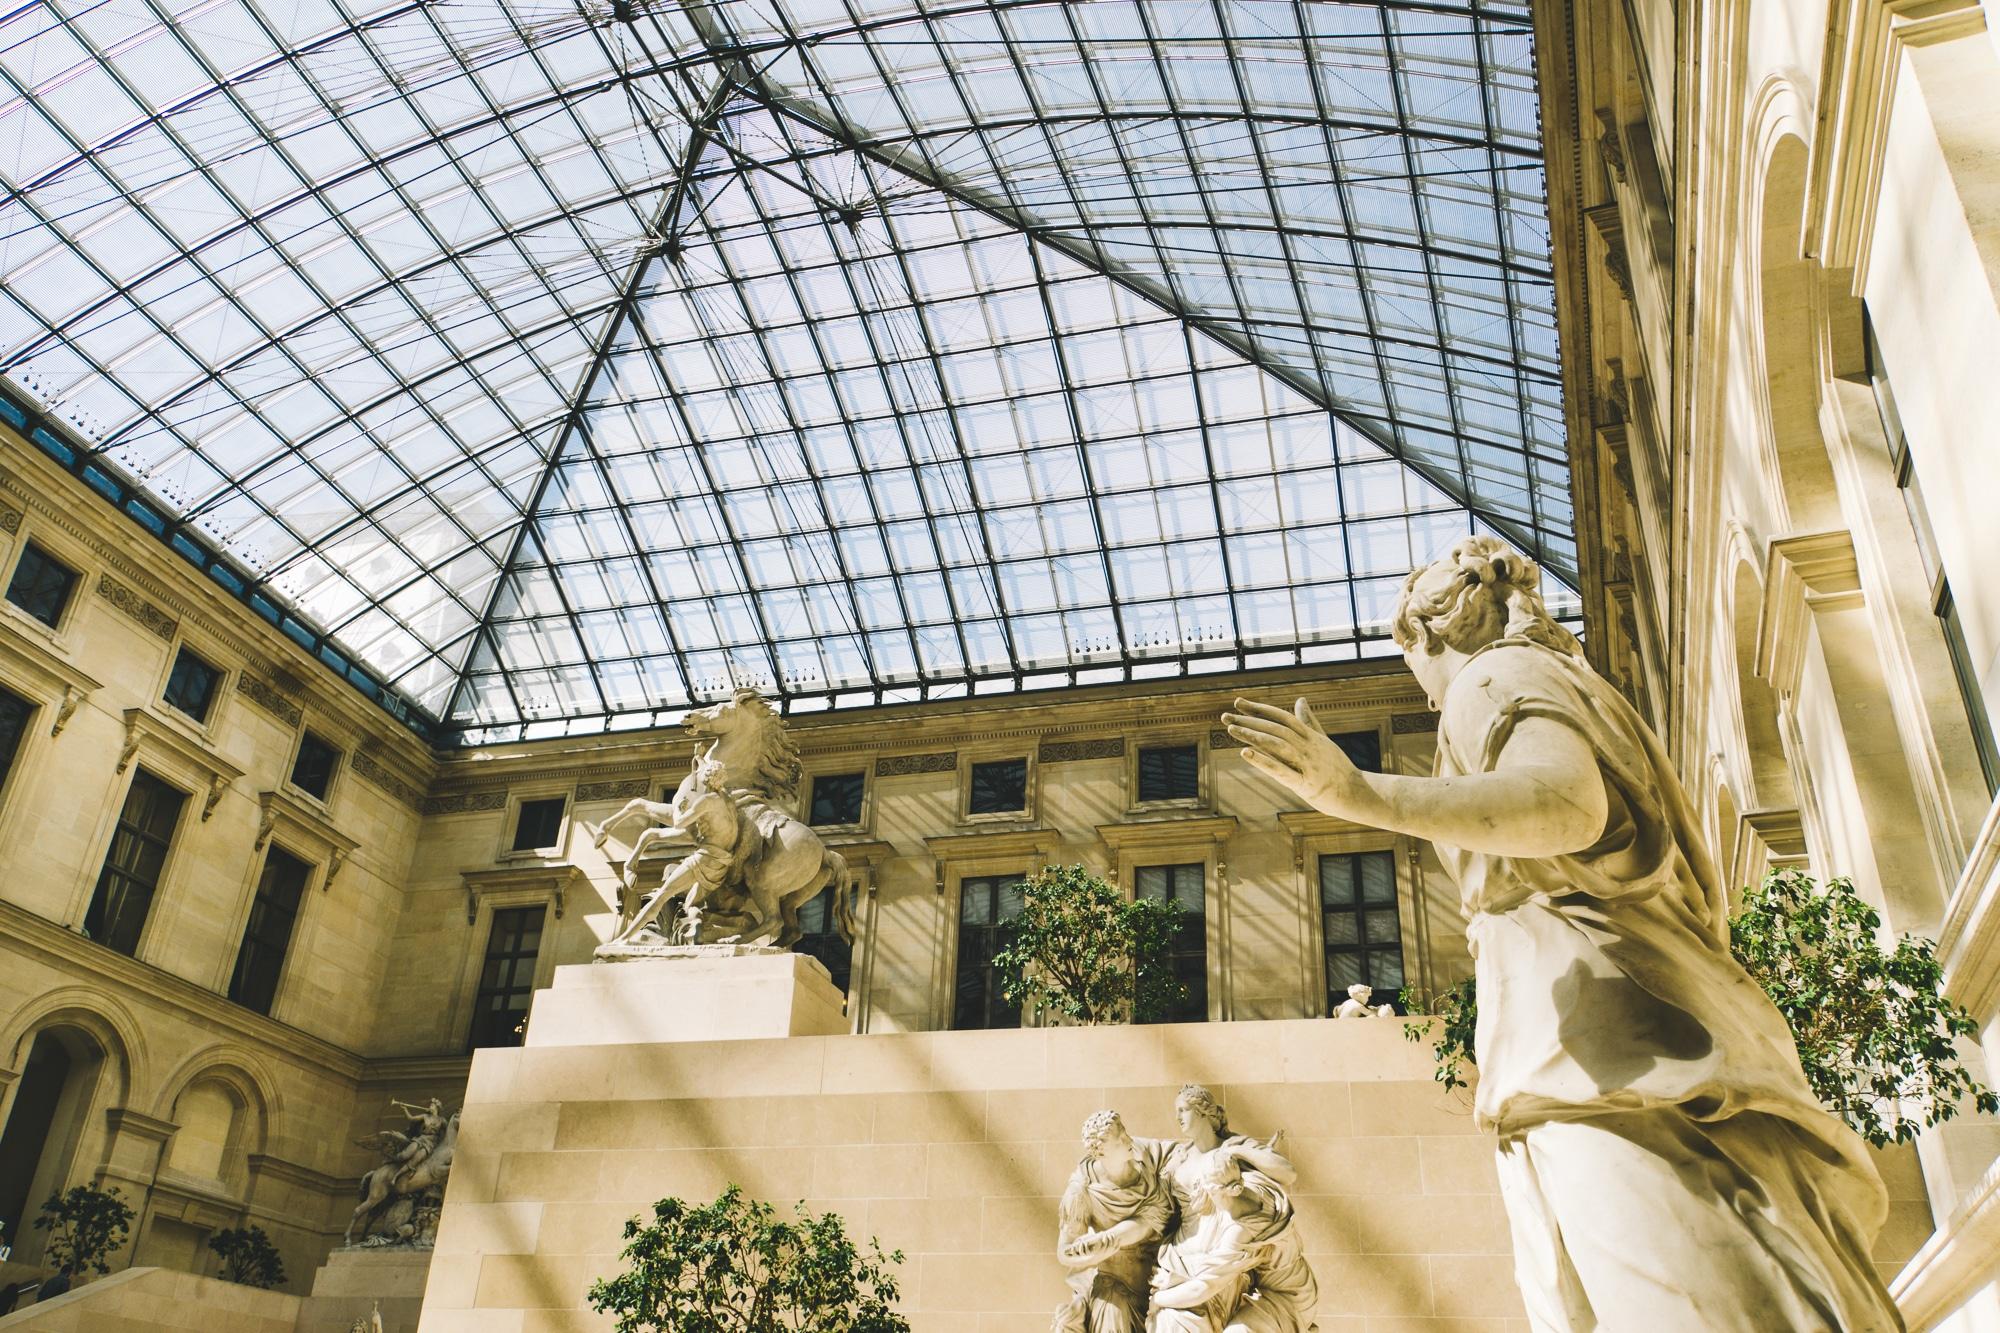 Schönste Fotospots in Paris - und meine liebsten Instagram Hotspots - Louvre Museum Glasdach